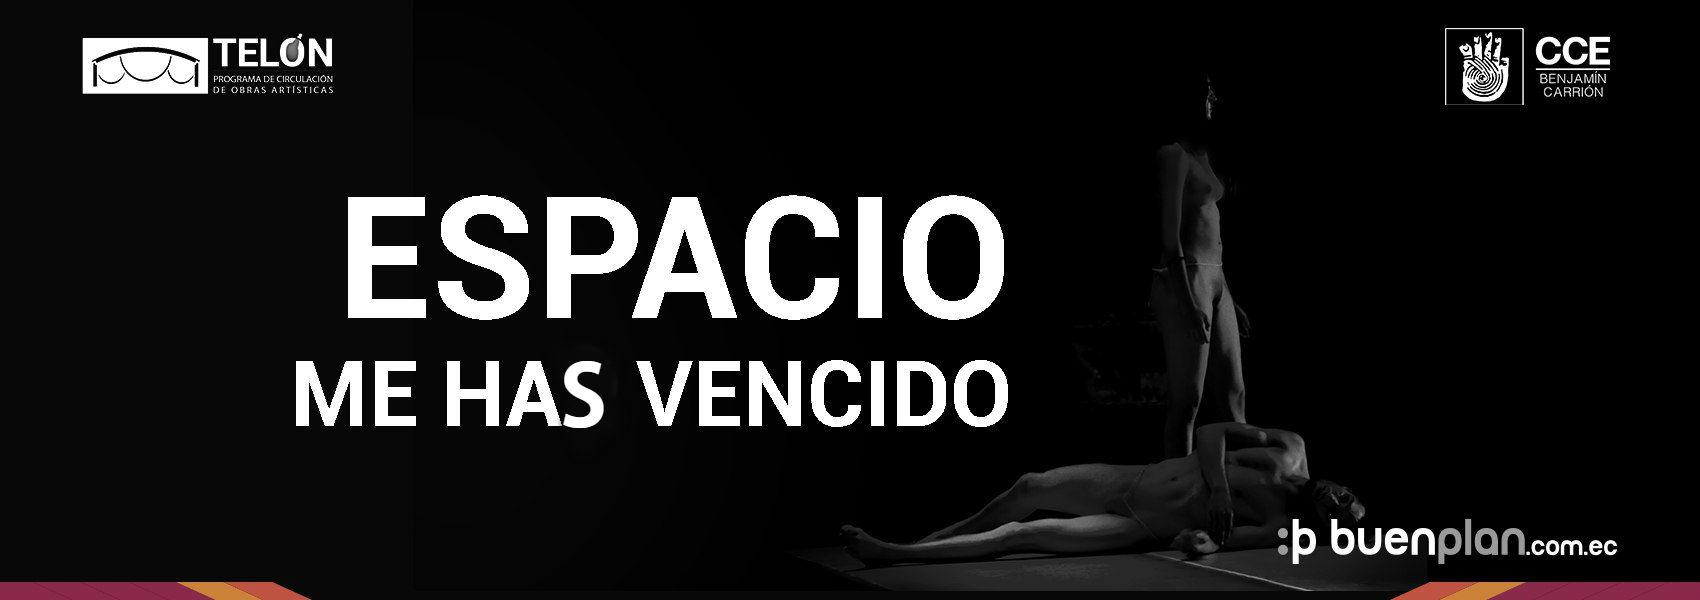 Espacio me has Vencido - 11 de Diciembre en Quito, BuenPlan